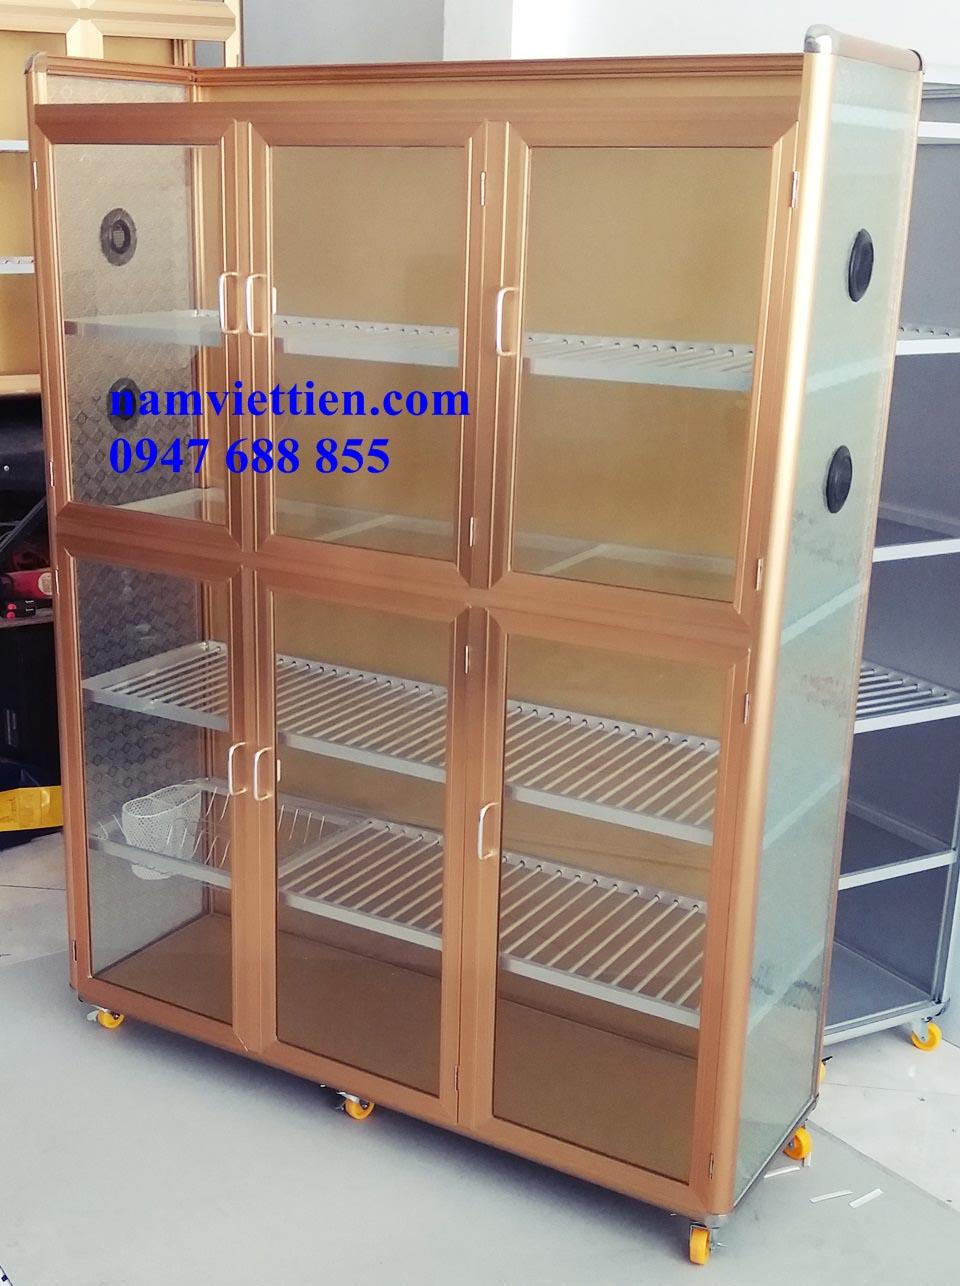 20180420 110115 2 - Mẫu tủ chén nhôm kính đẹp